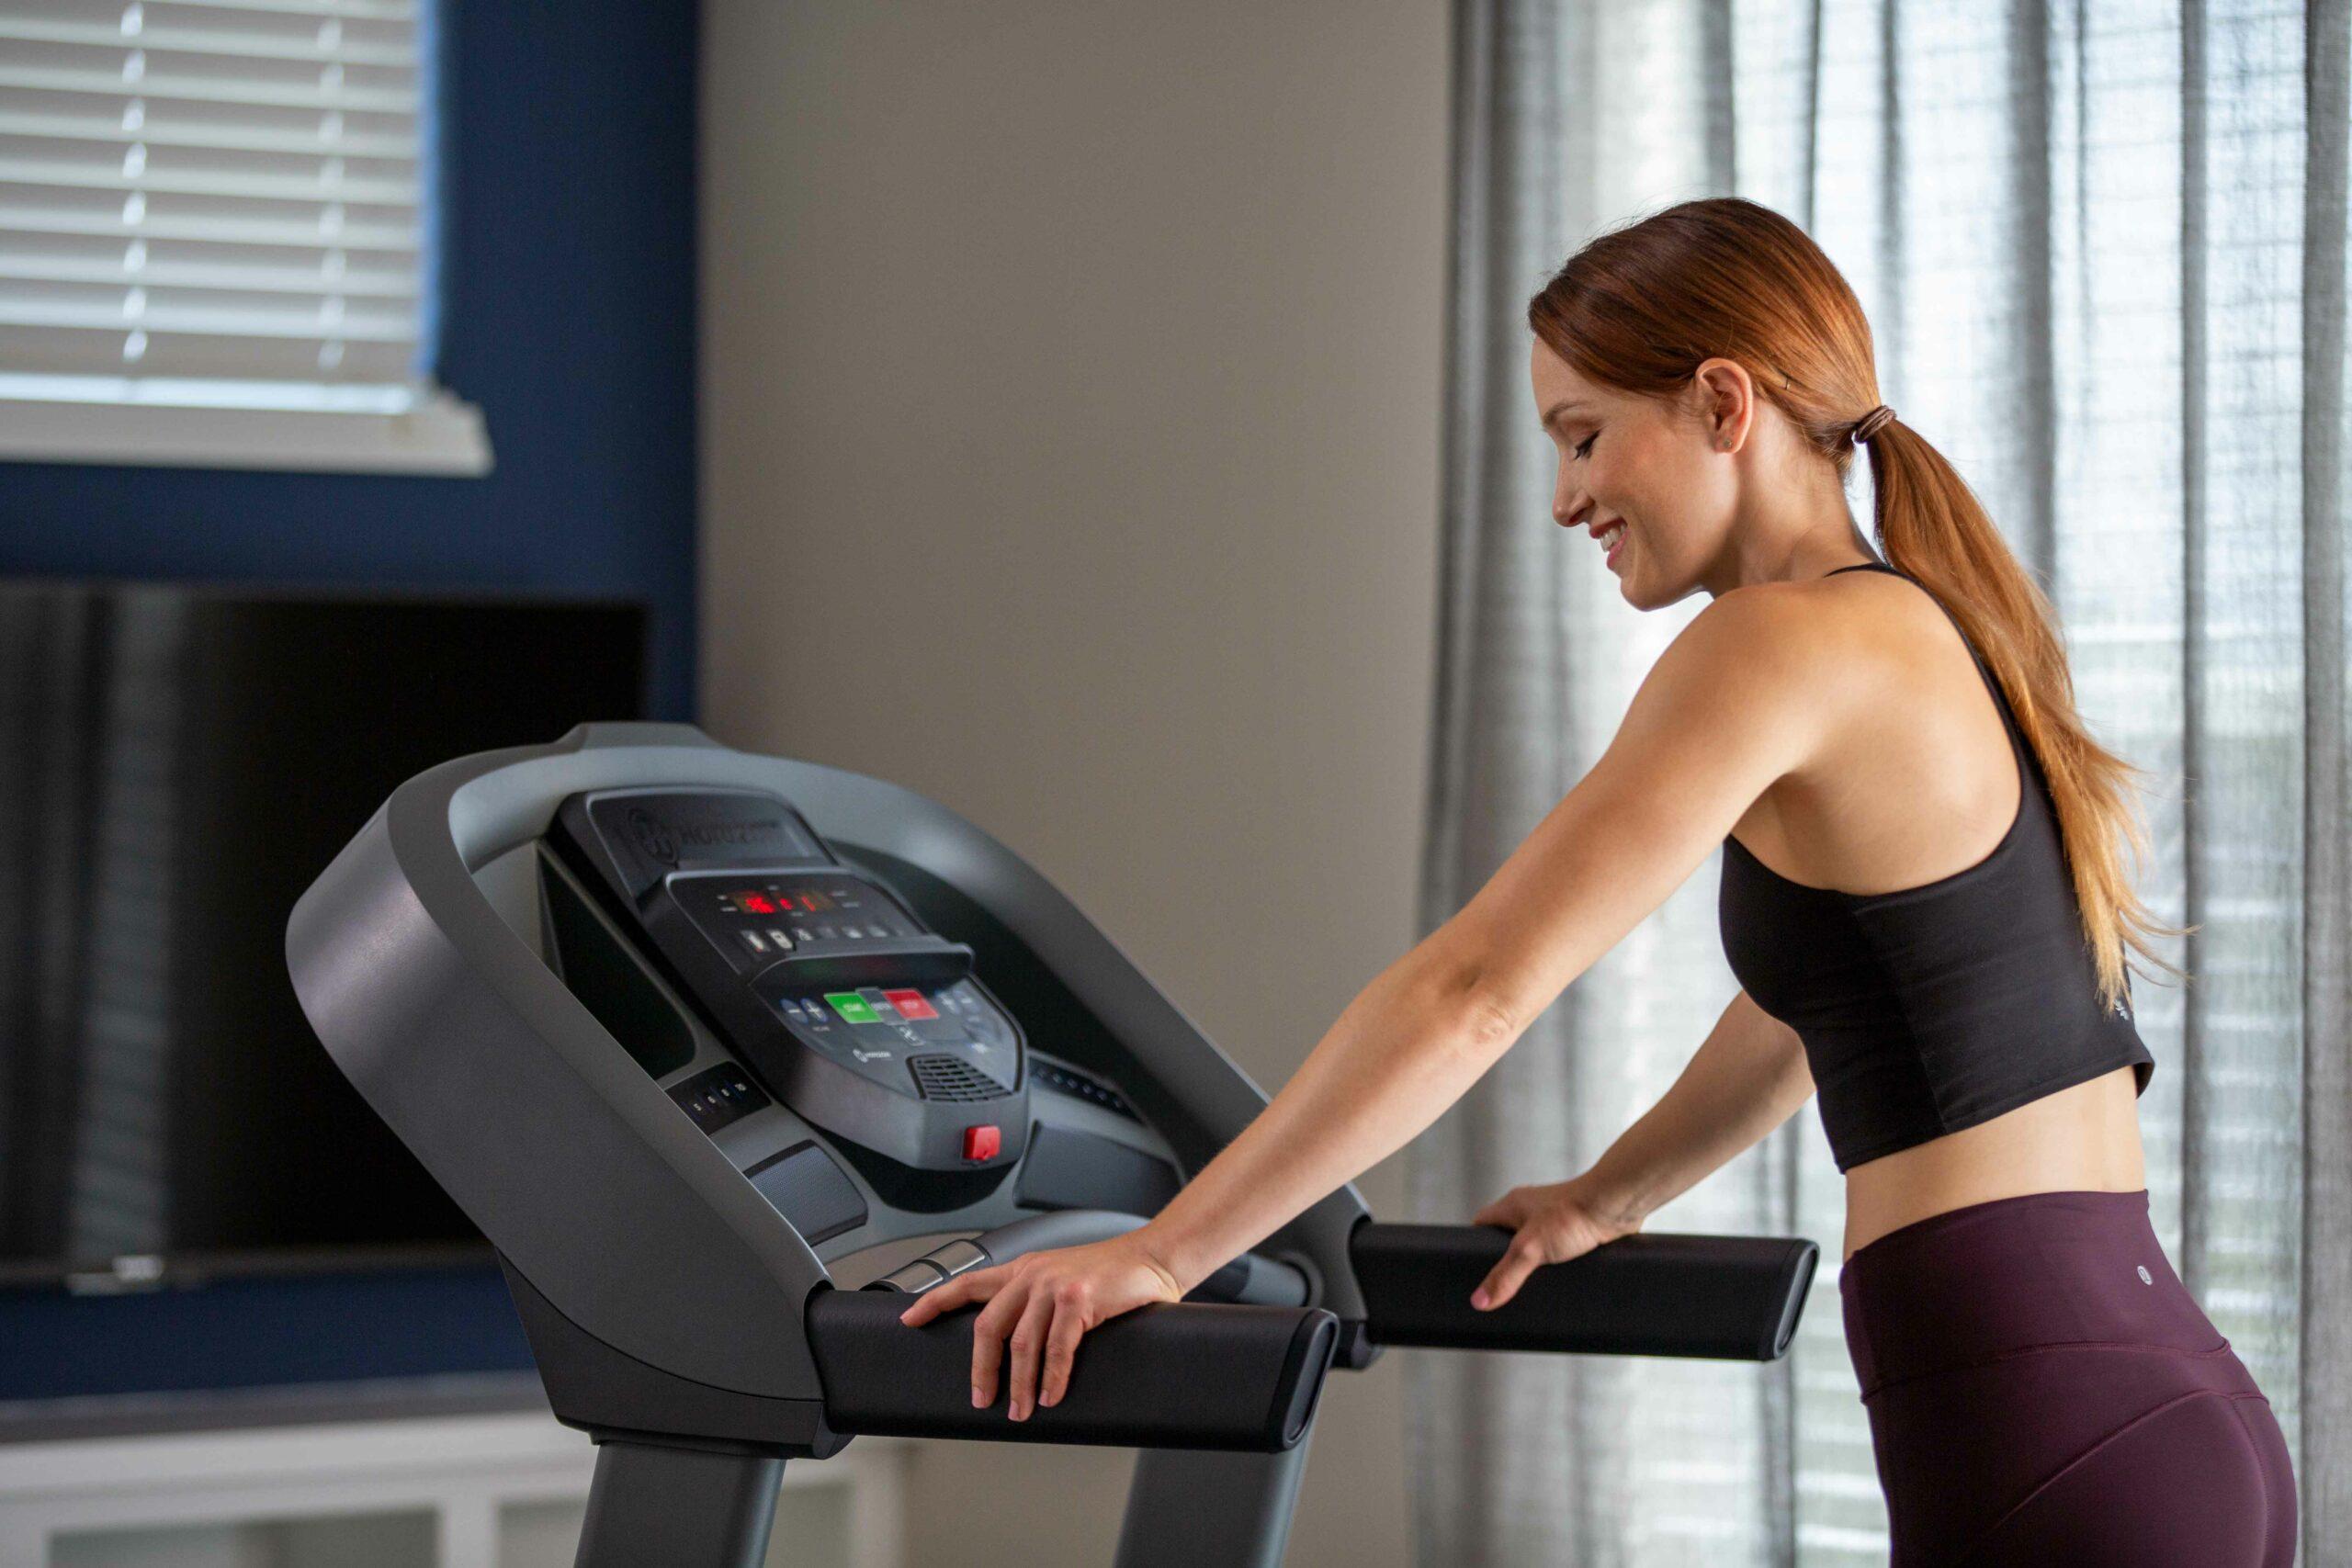 Gym equipment online shop